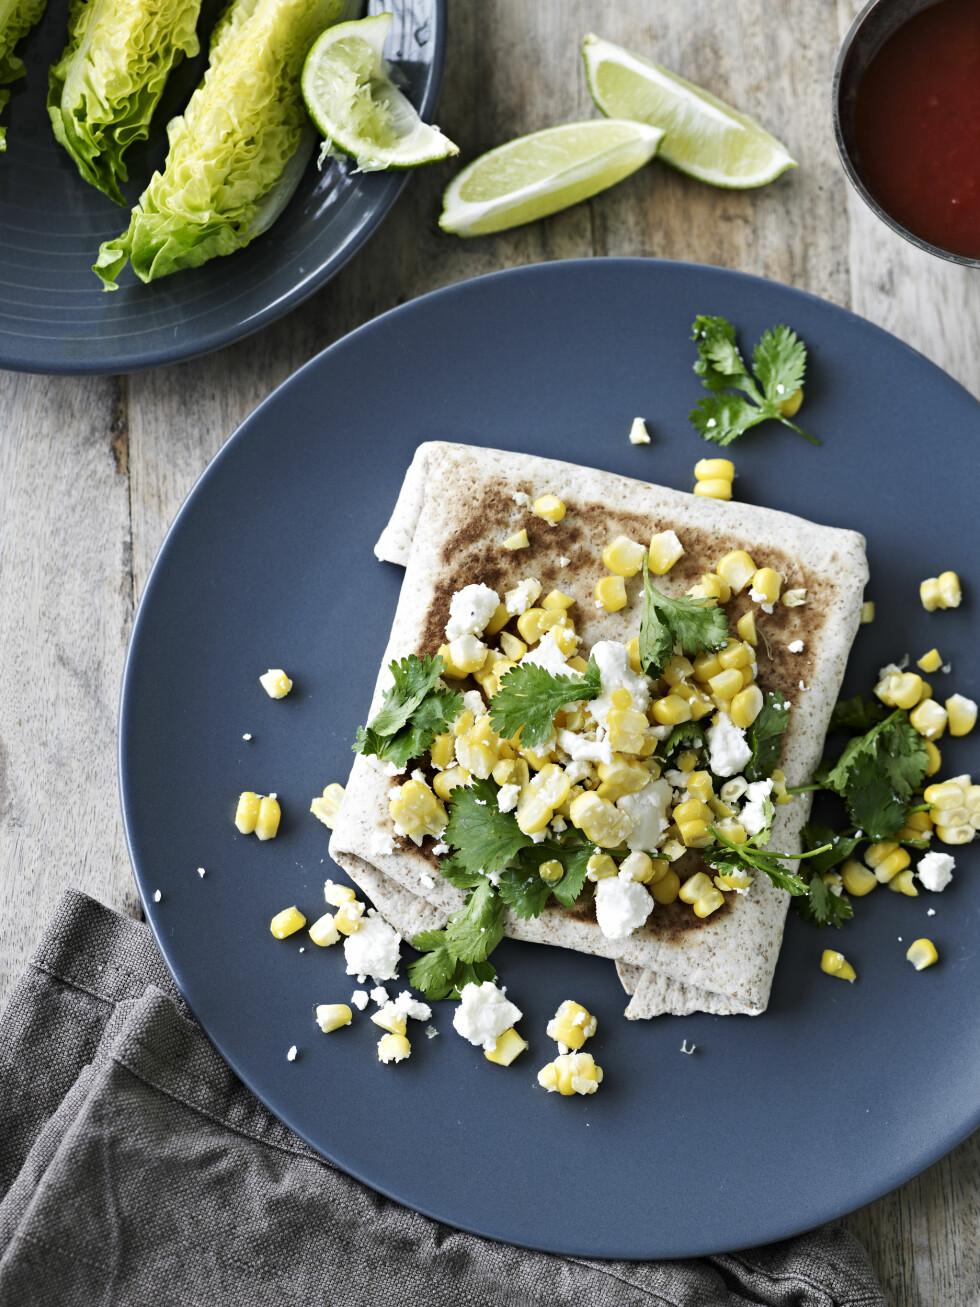 MASSE DEILIGE GRØNNSAKER: Og så gode krydder. Krydderet spisskummen er perfekt til mexikansk. Foto: All Over Press